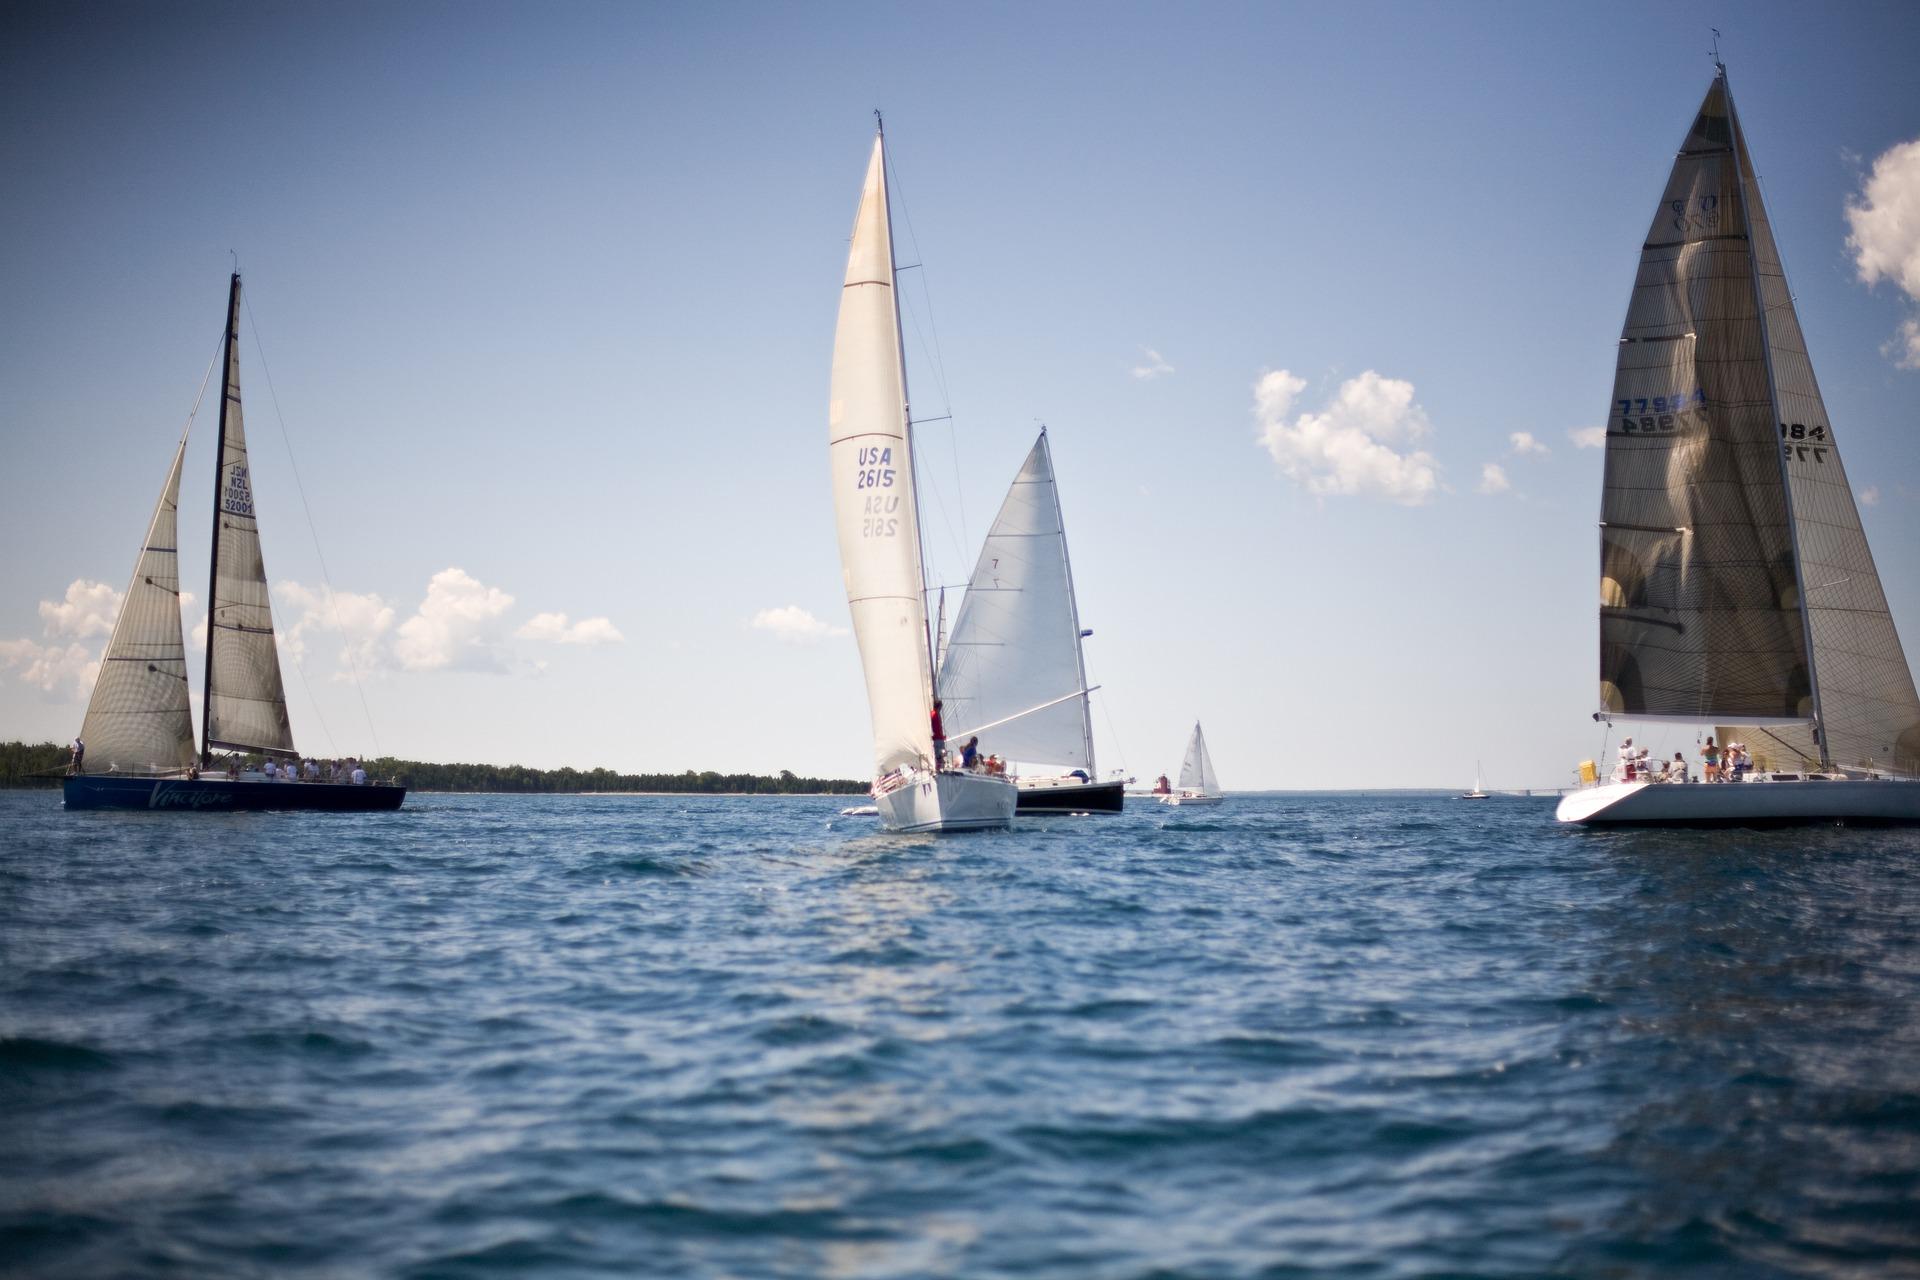 Wyścigi na wodach Zatoki Gdańskiej i Bałtyku. Które załogi zdobędą puchary?